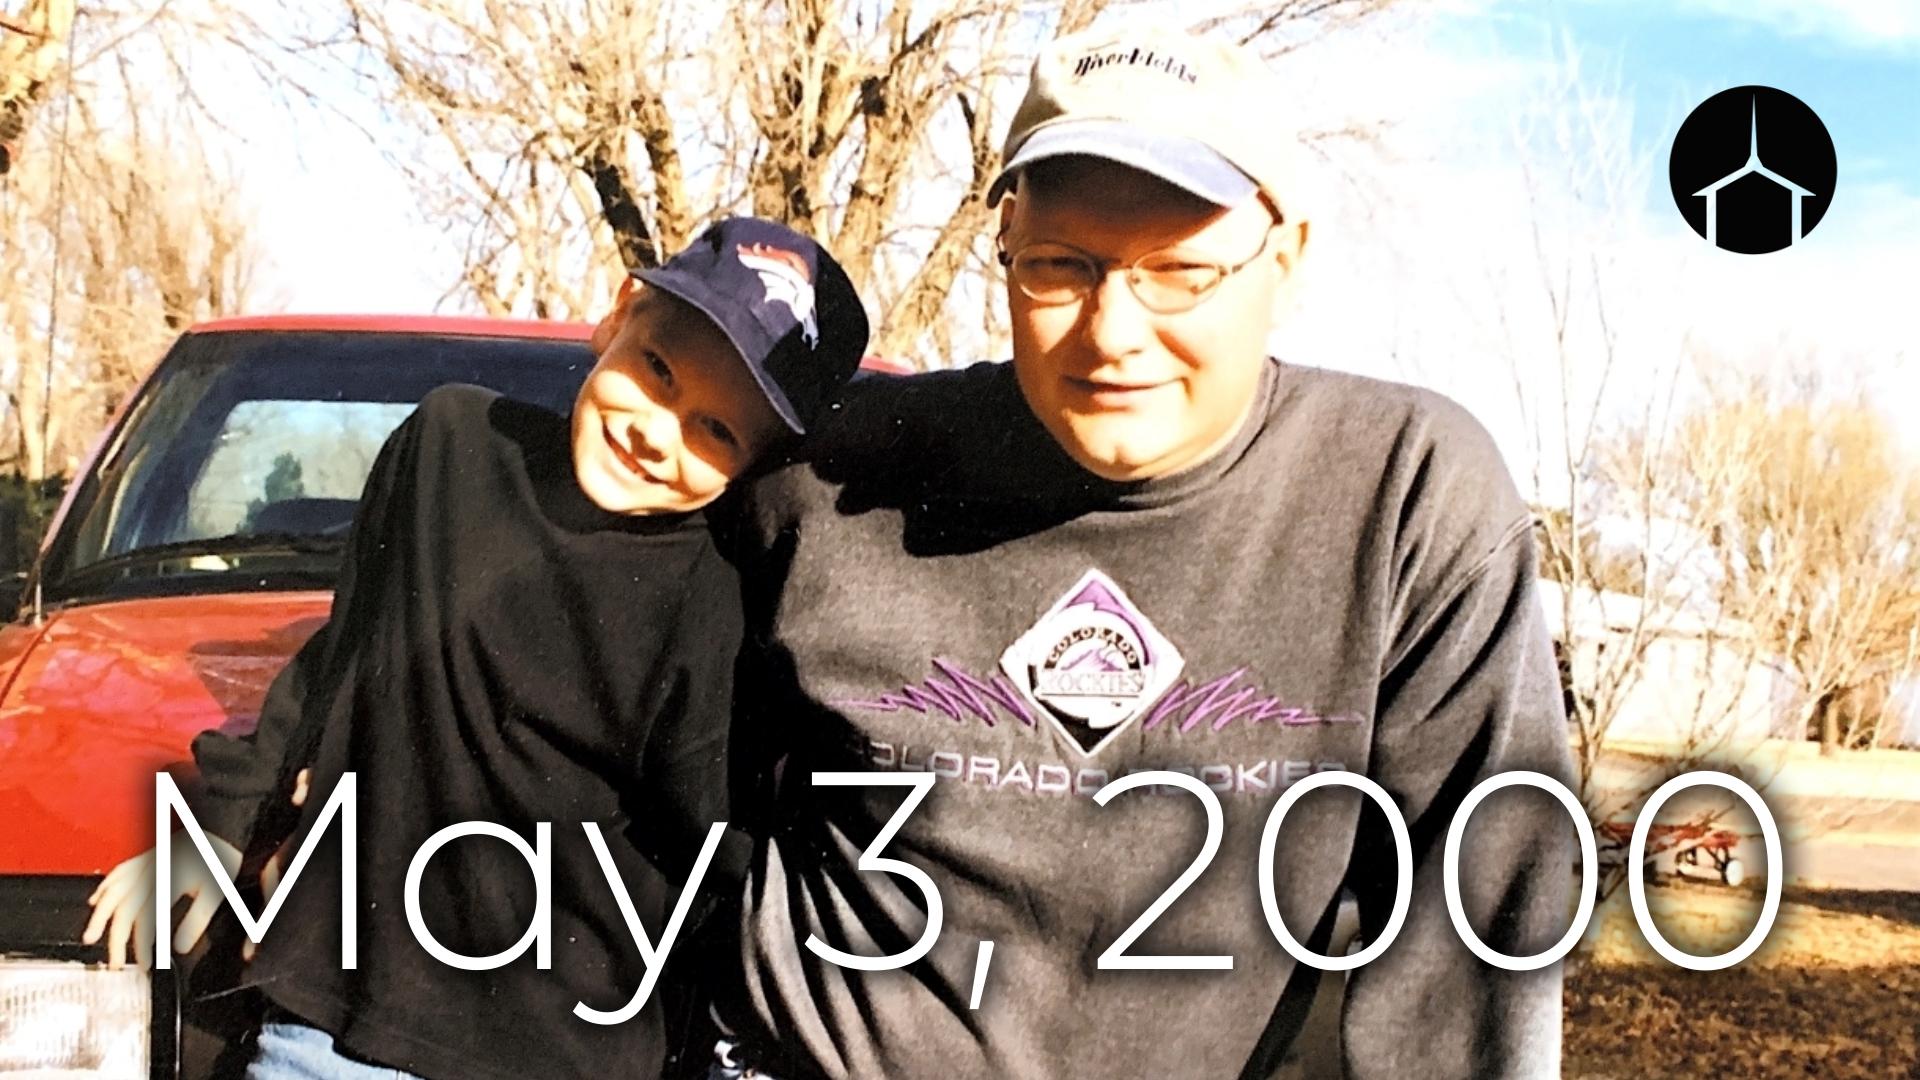 May 3, 2000